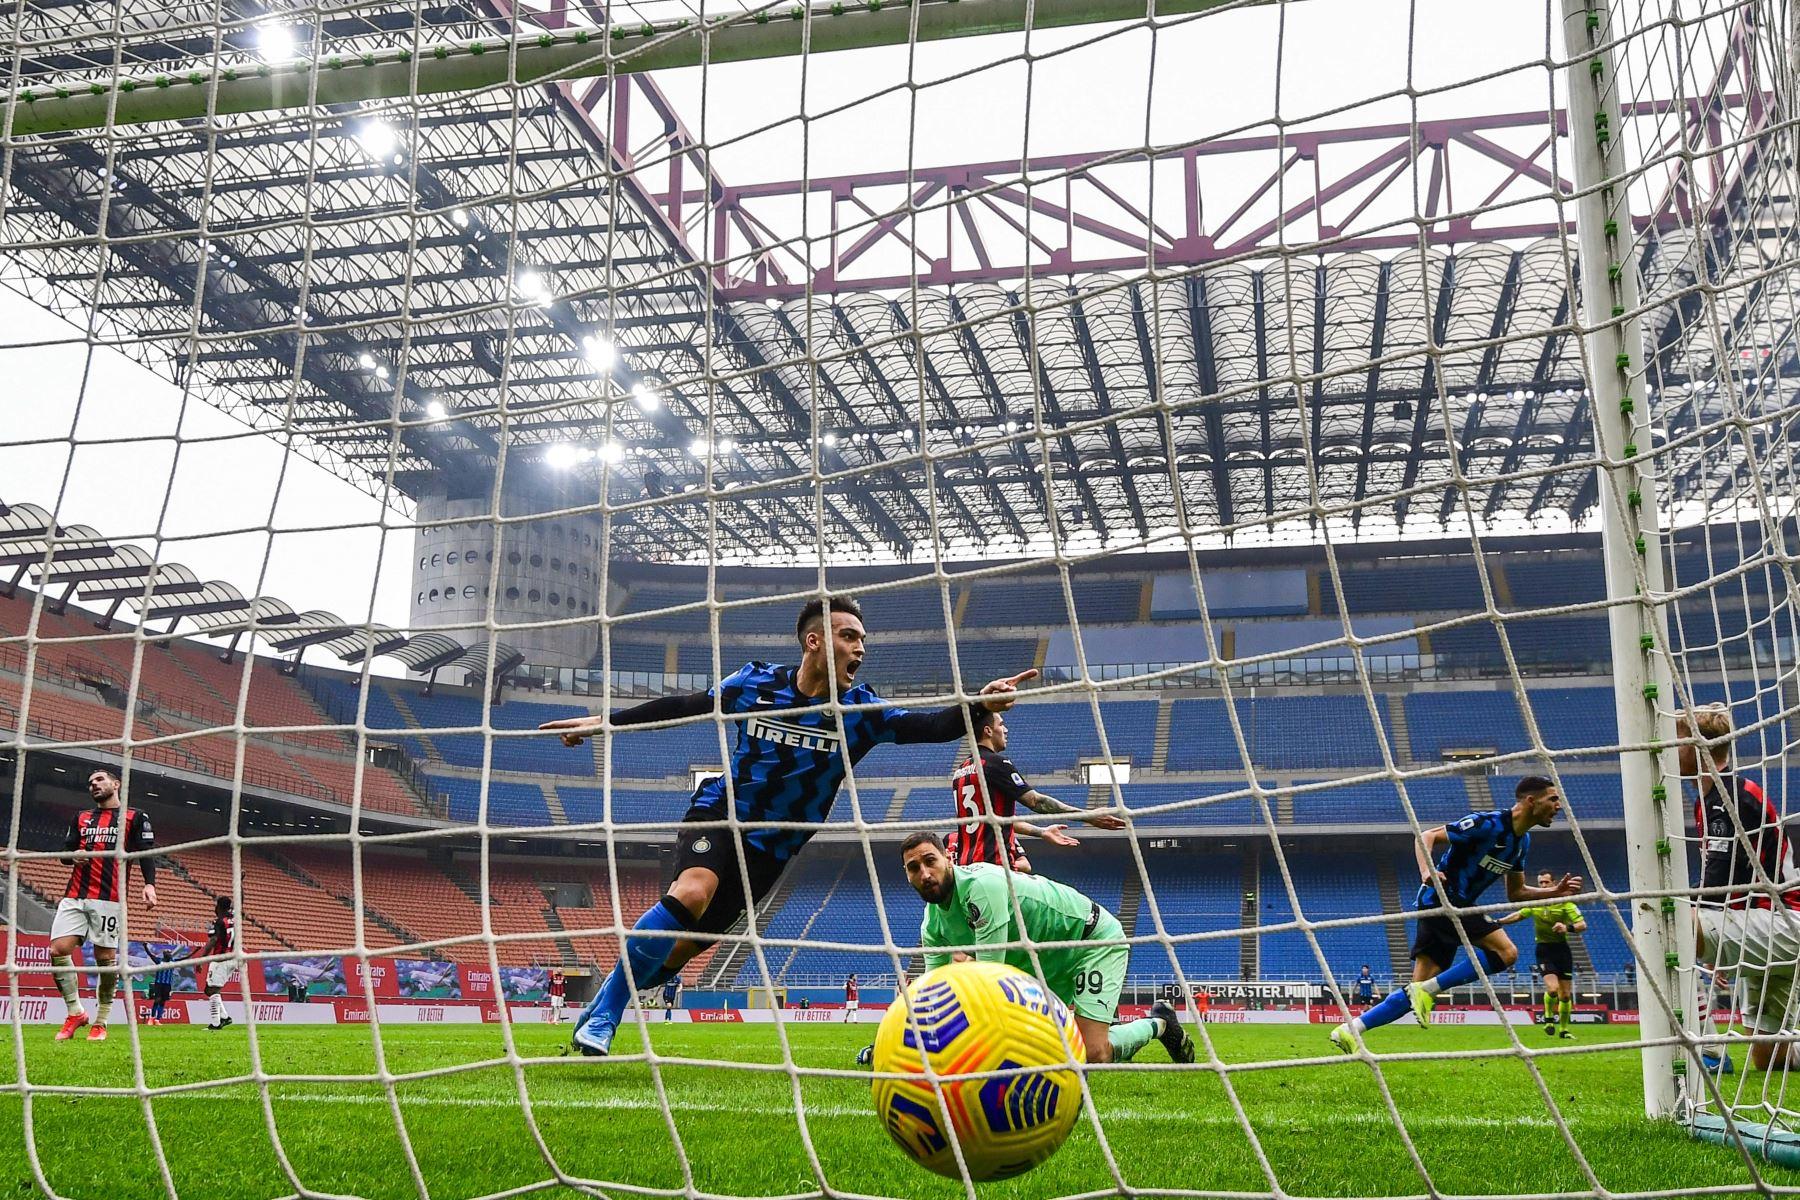 El delantero argentino del Inter de Milán Lautaro Martínez celebra tras anotar su segundo gol pasado el portero italiano del AC Milan Gianluigi Donnarumma Parte trasera durante el partido de fútbol de la Serie A italiana AC Milan vs Inter de Milán.  Foto: AFP